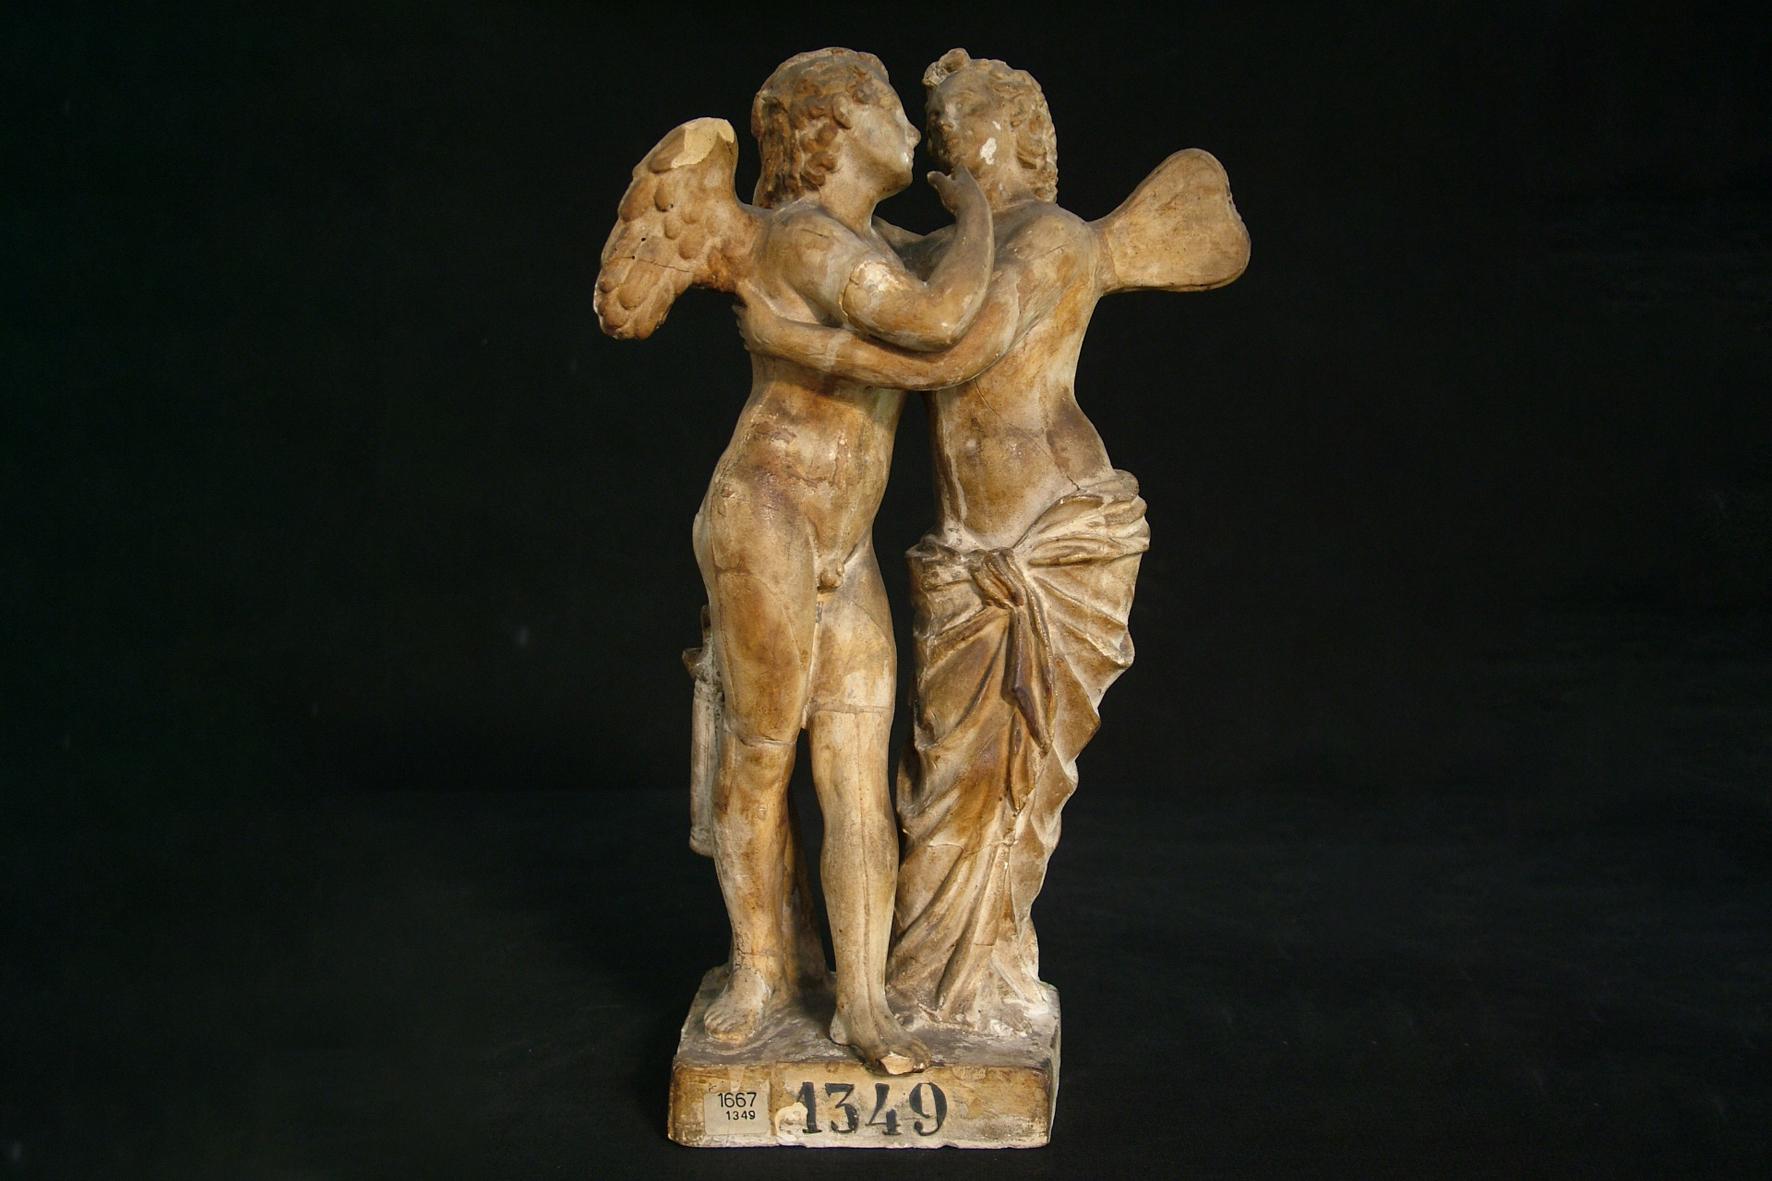 MD_Amore e Psiche, 1746, gesso, dal marmo antico della Galleria degli Uffizi inv. 1687 (1)